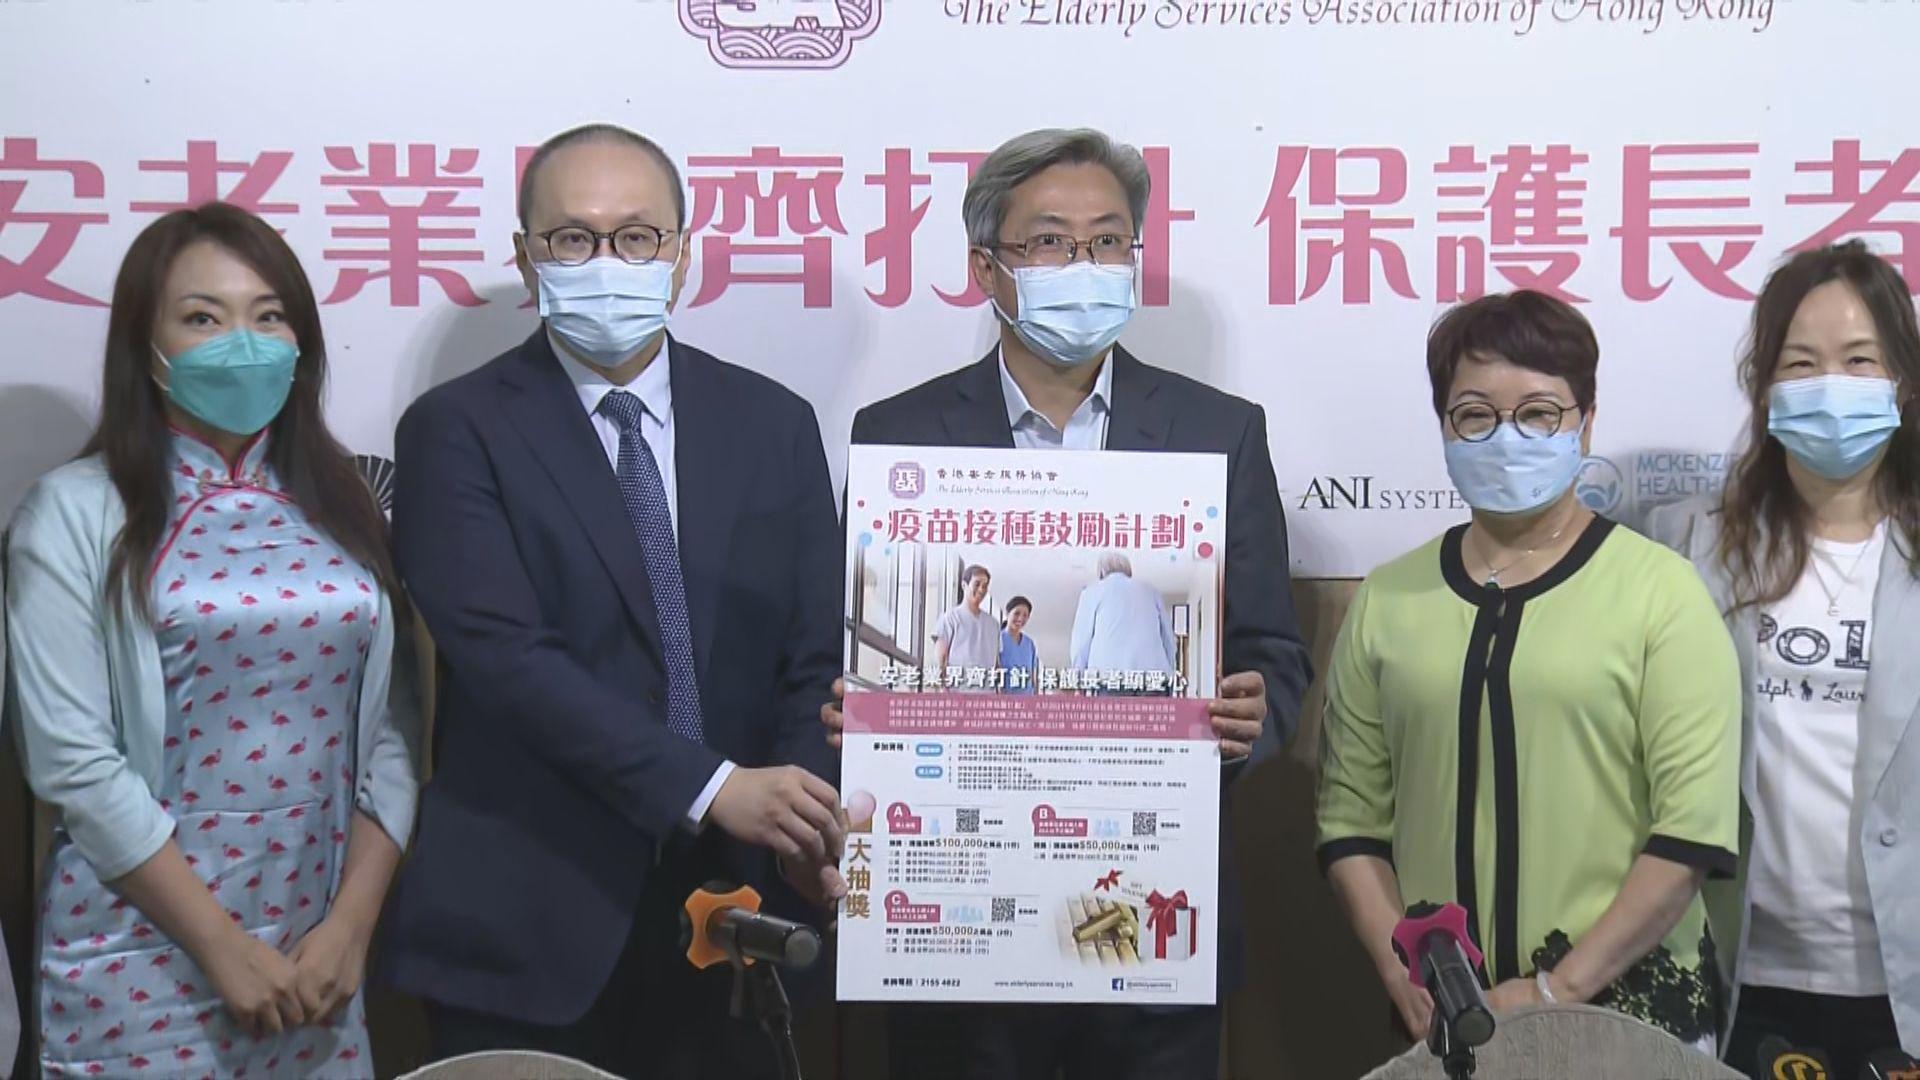 香港安老服務協會舉辦抽獎 鼓勵業界員工接種疫苗